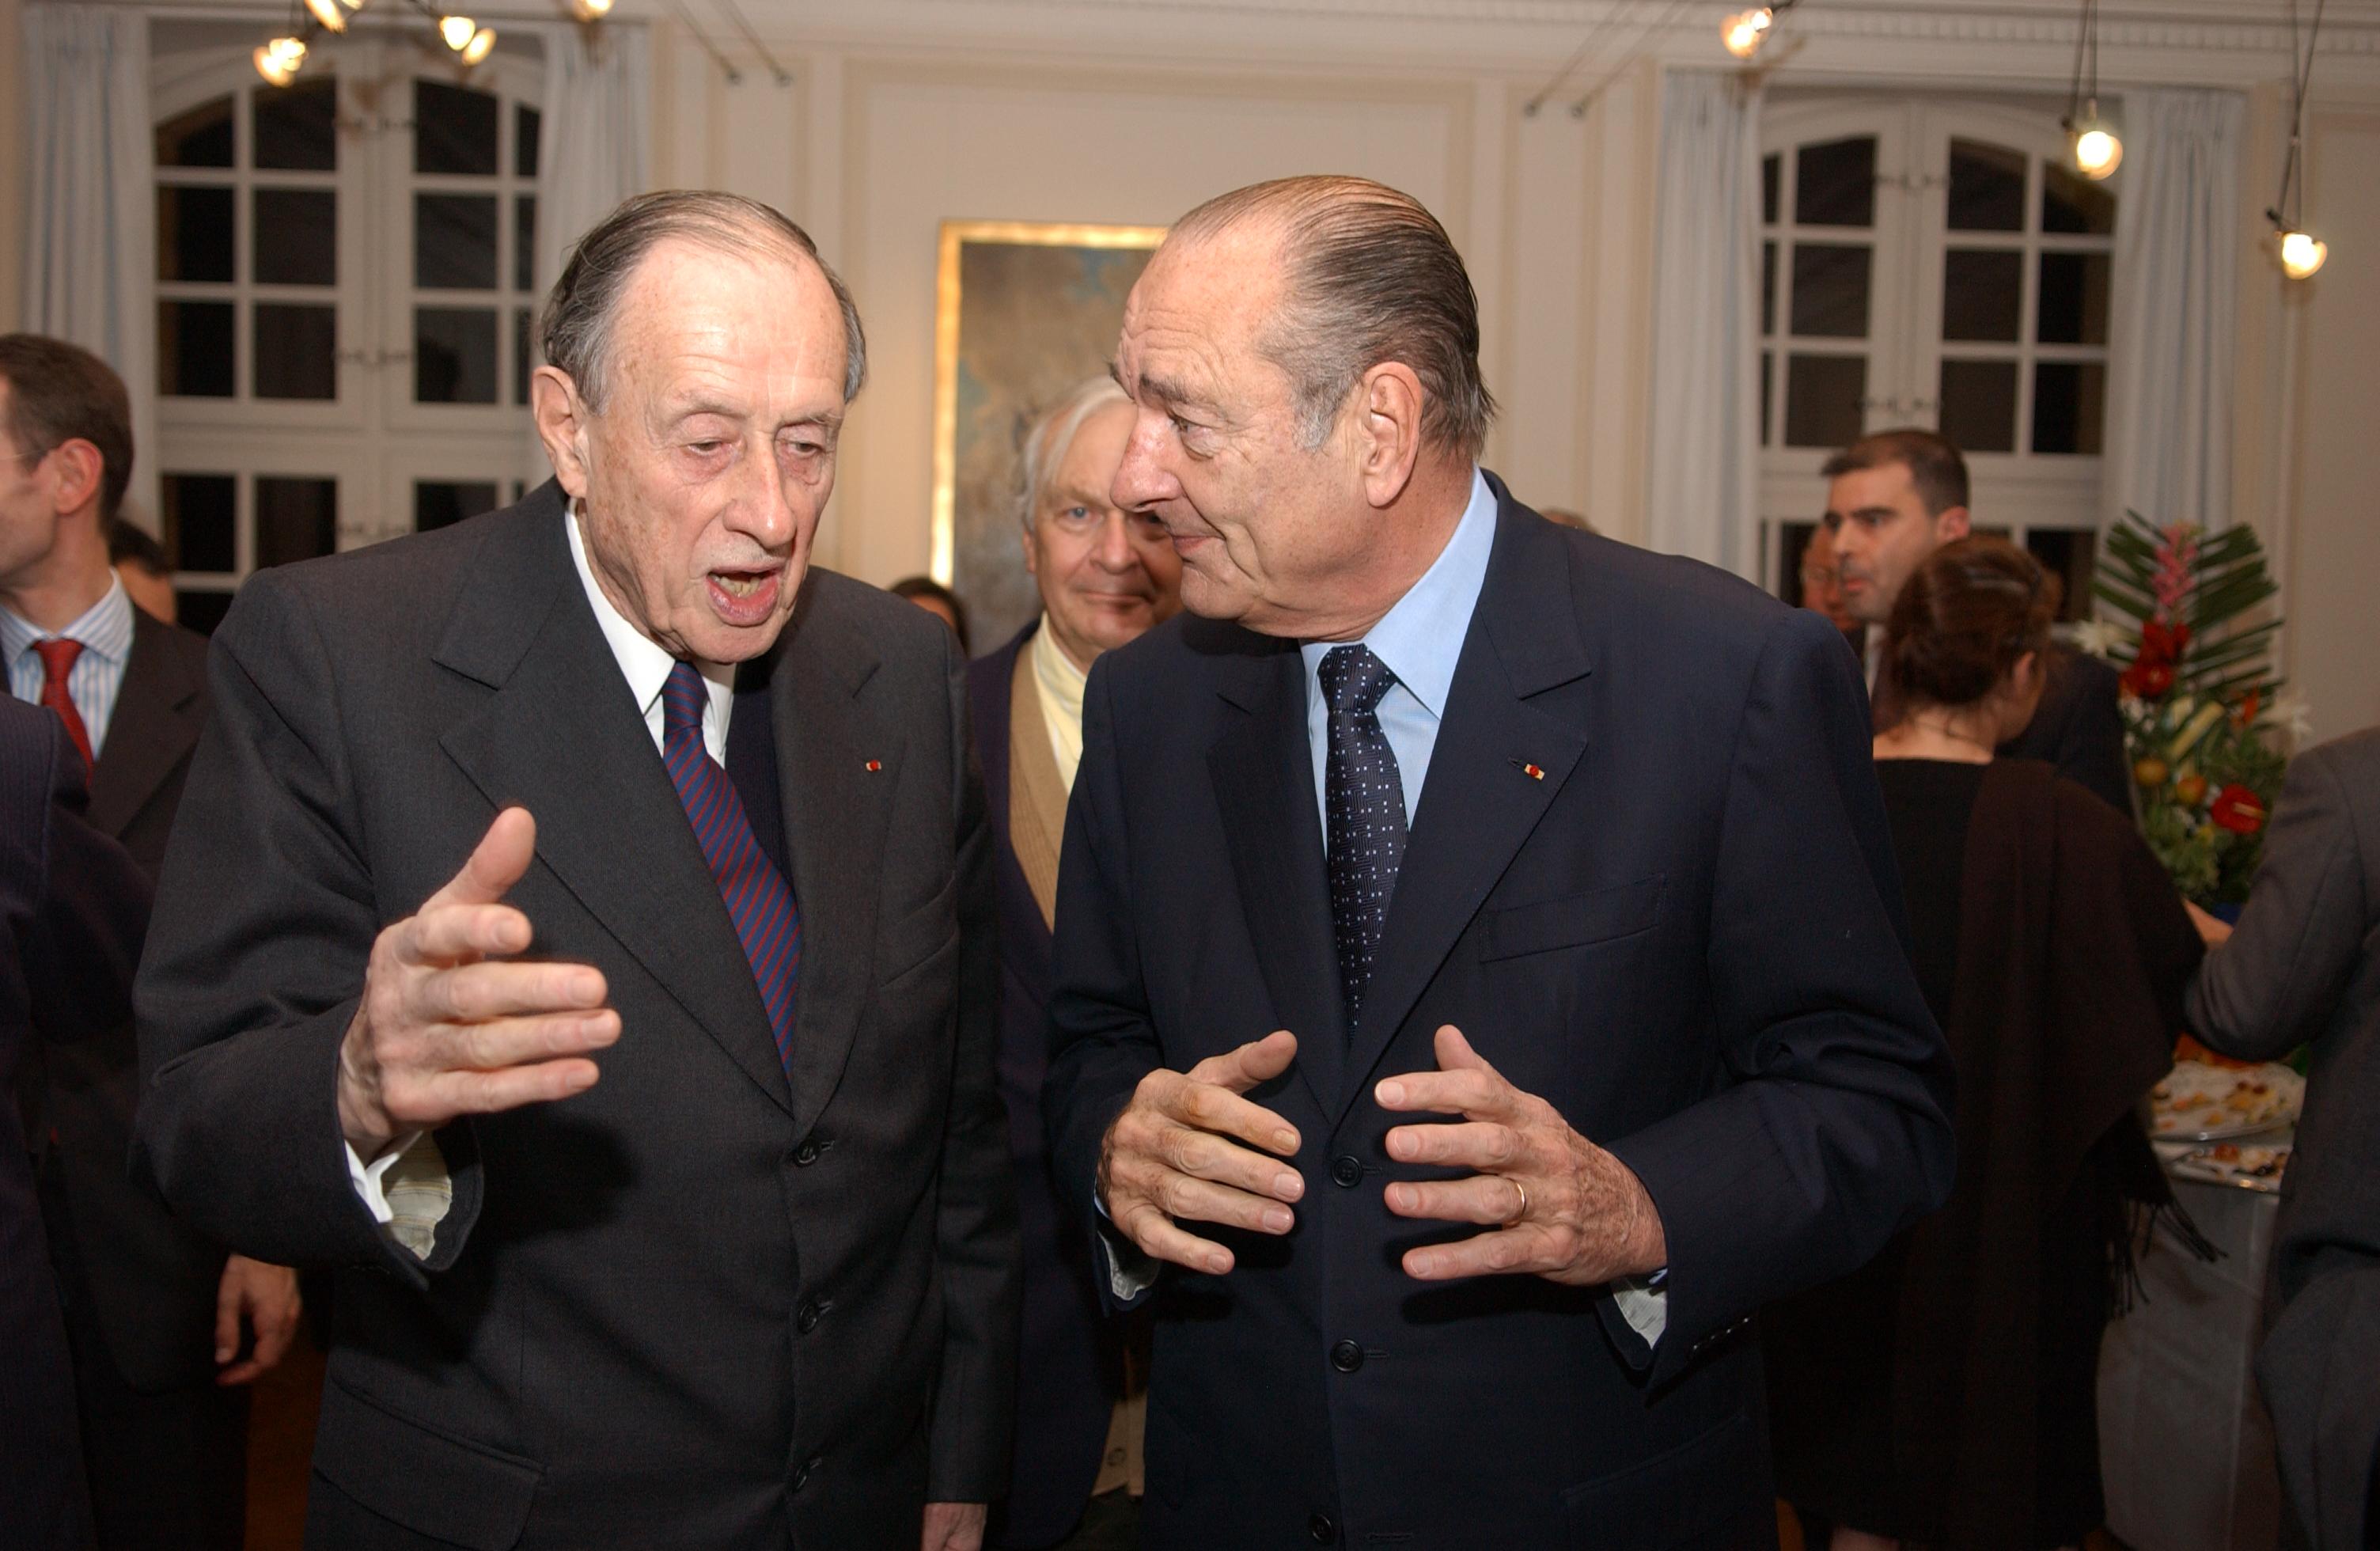 À l'occasion de la présentation du projet de l'Historial aux Invalides, l'Amiral Philippe de Gaulle avec le Président Jacques Chirac, le 9 novembre 2005